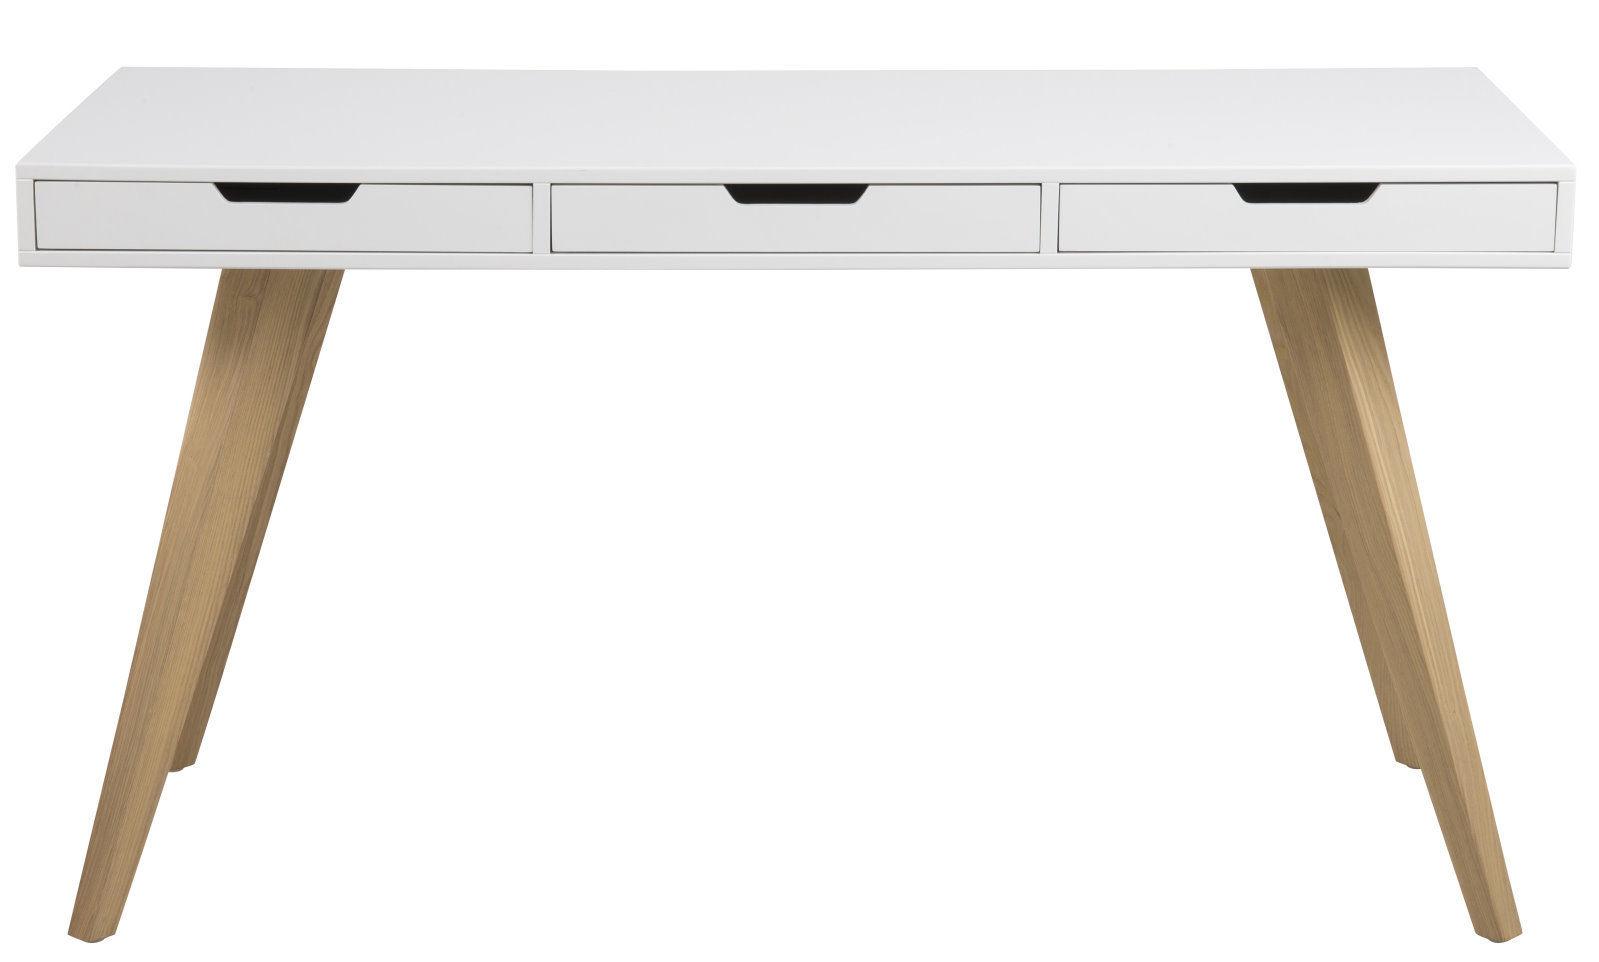 pkline schreibtisch computertisch arbeitstisch tisch wei eiche arbeitszimmer ebay. Black Bedroom Furniture Sets. Home Design Ideas